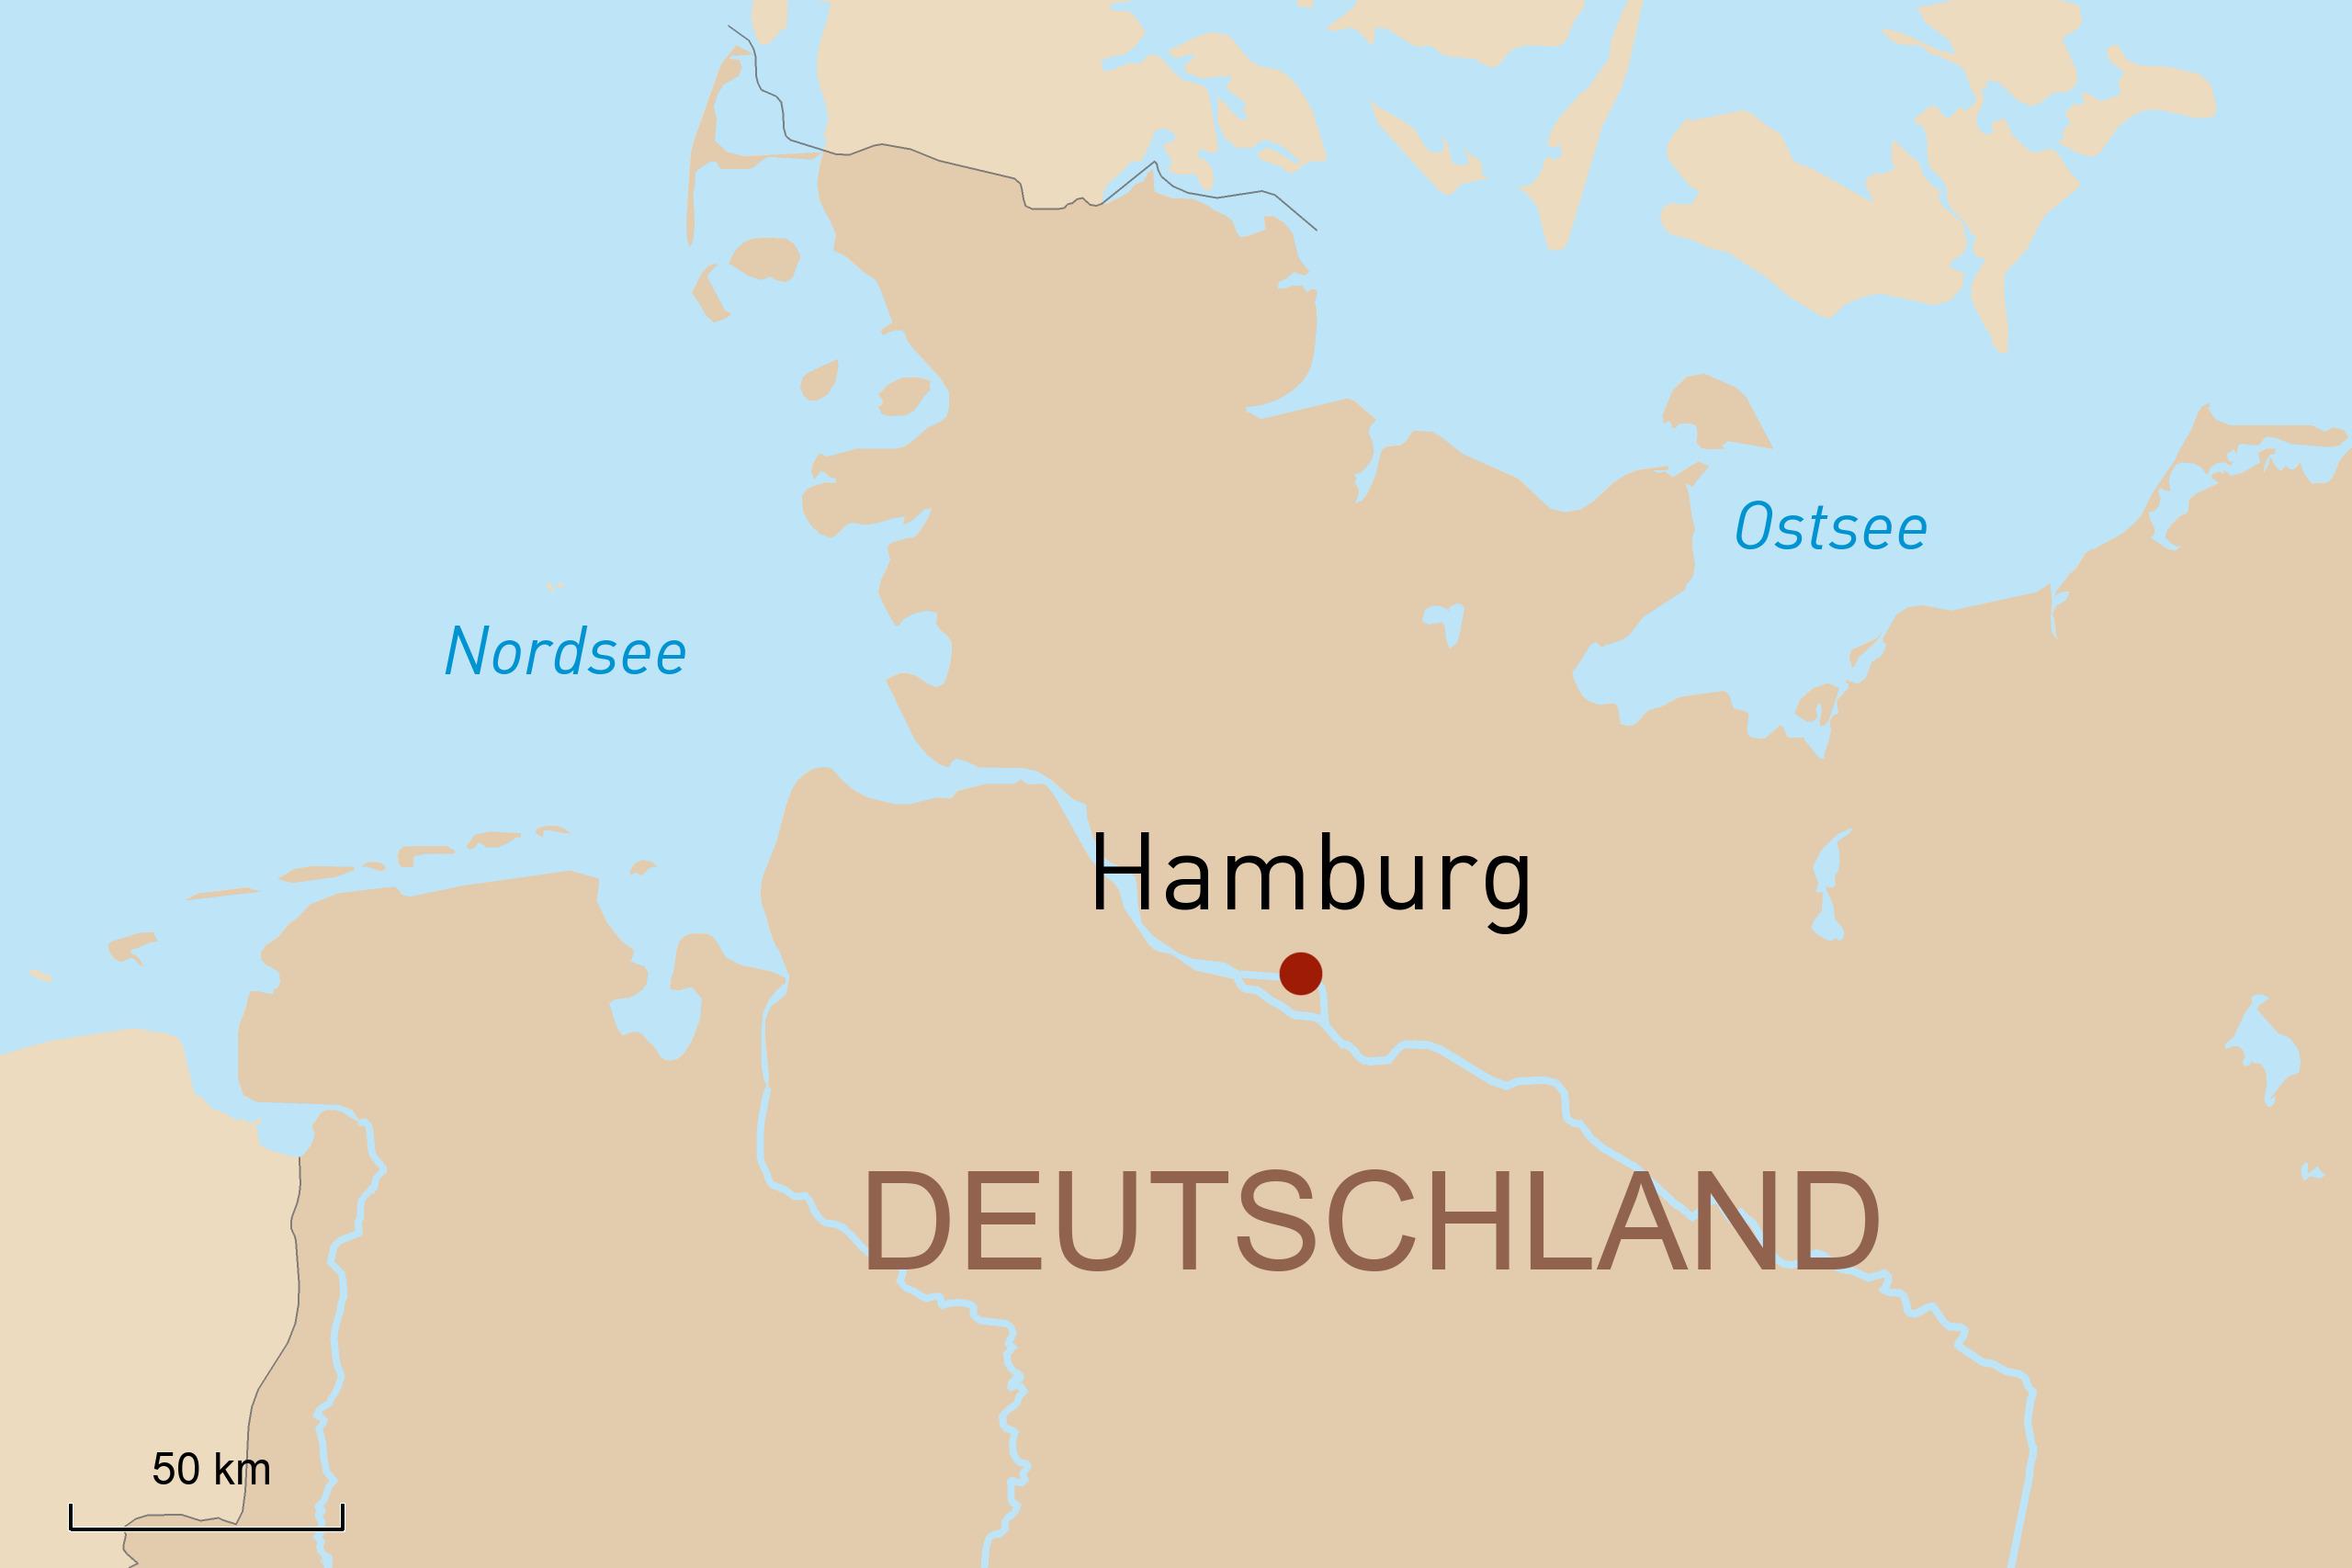 Deutschlandreise Hamburg KR Mai 2020